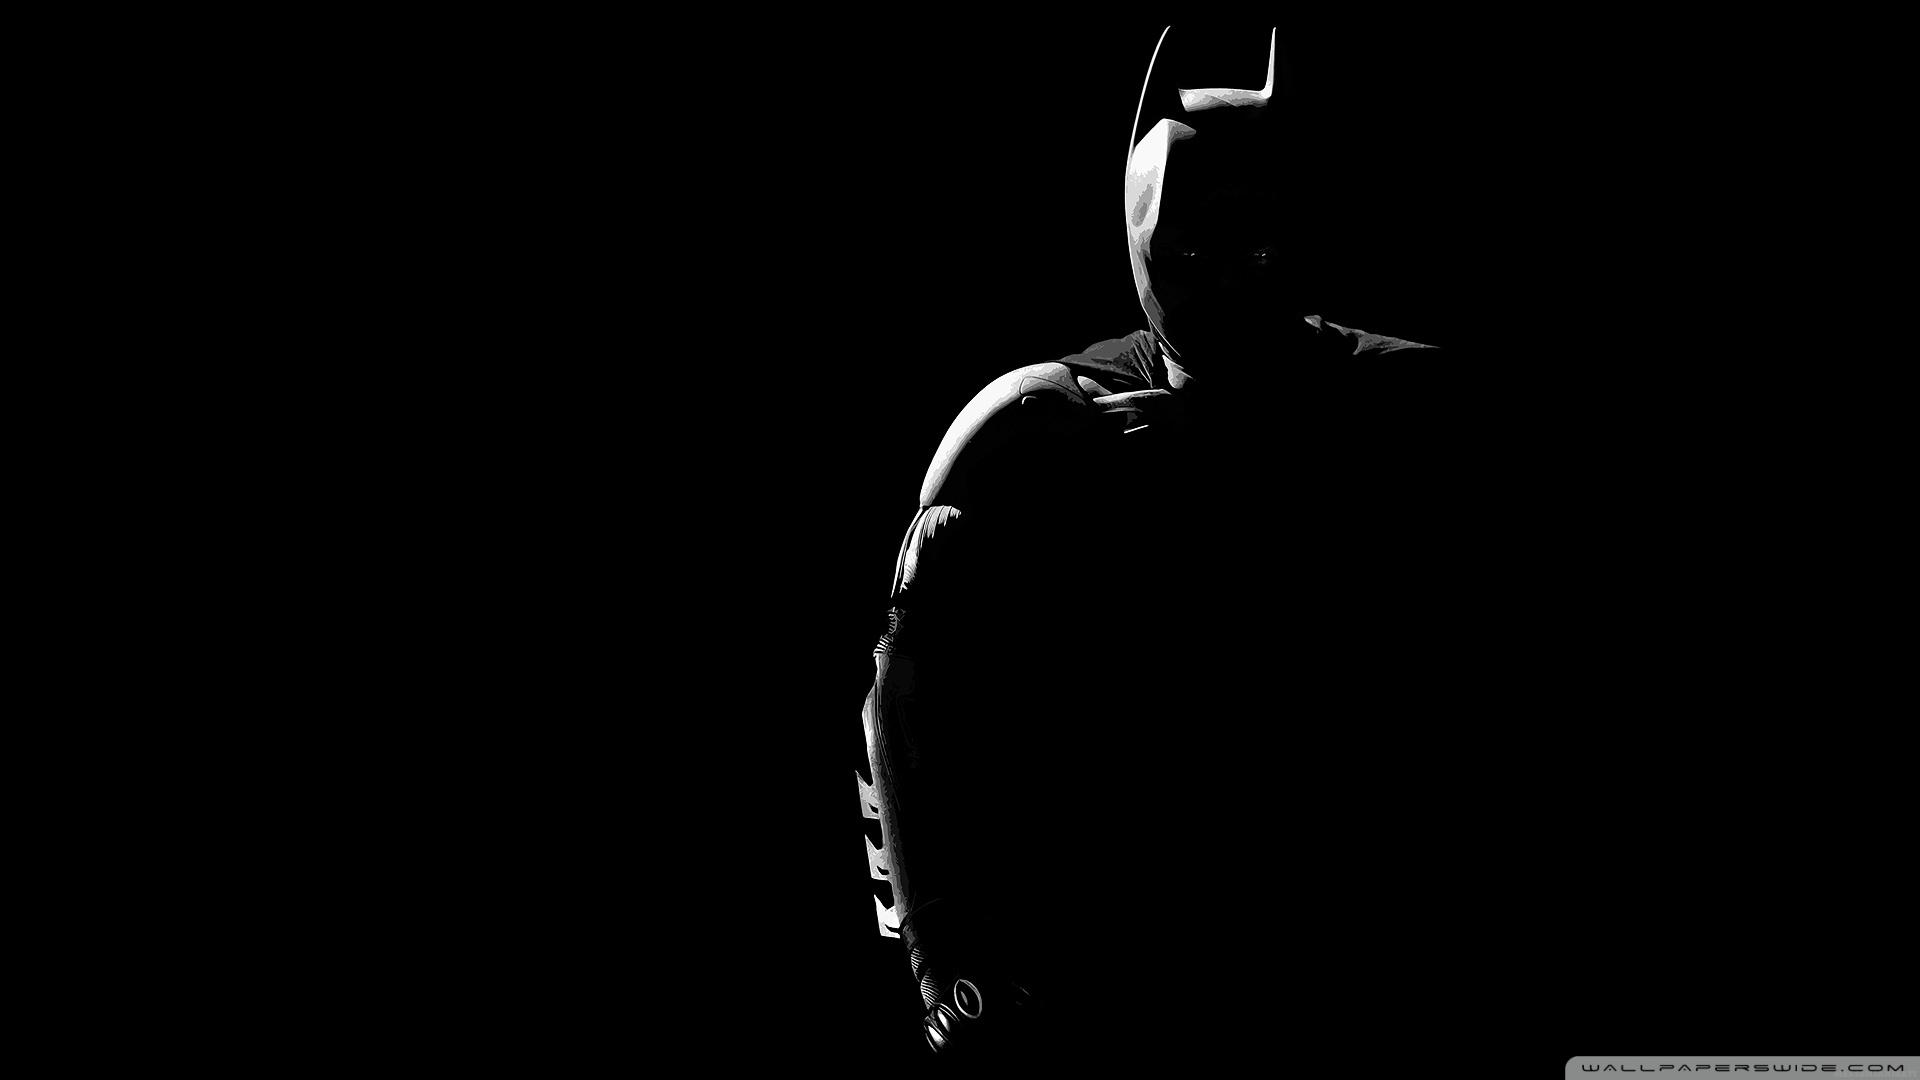 batman__dark-wallpaper-1920x1080.jpg